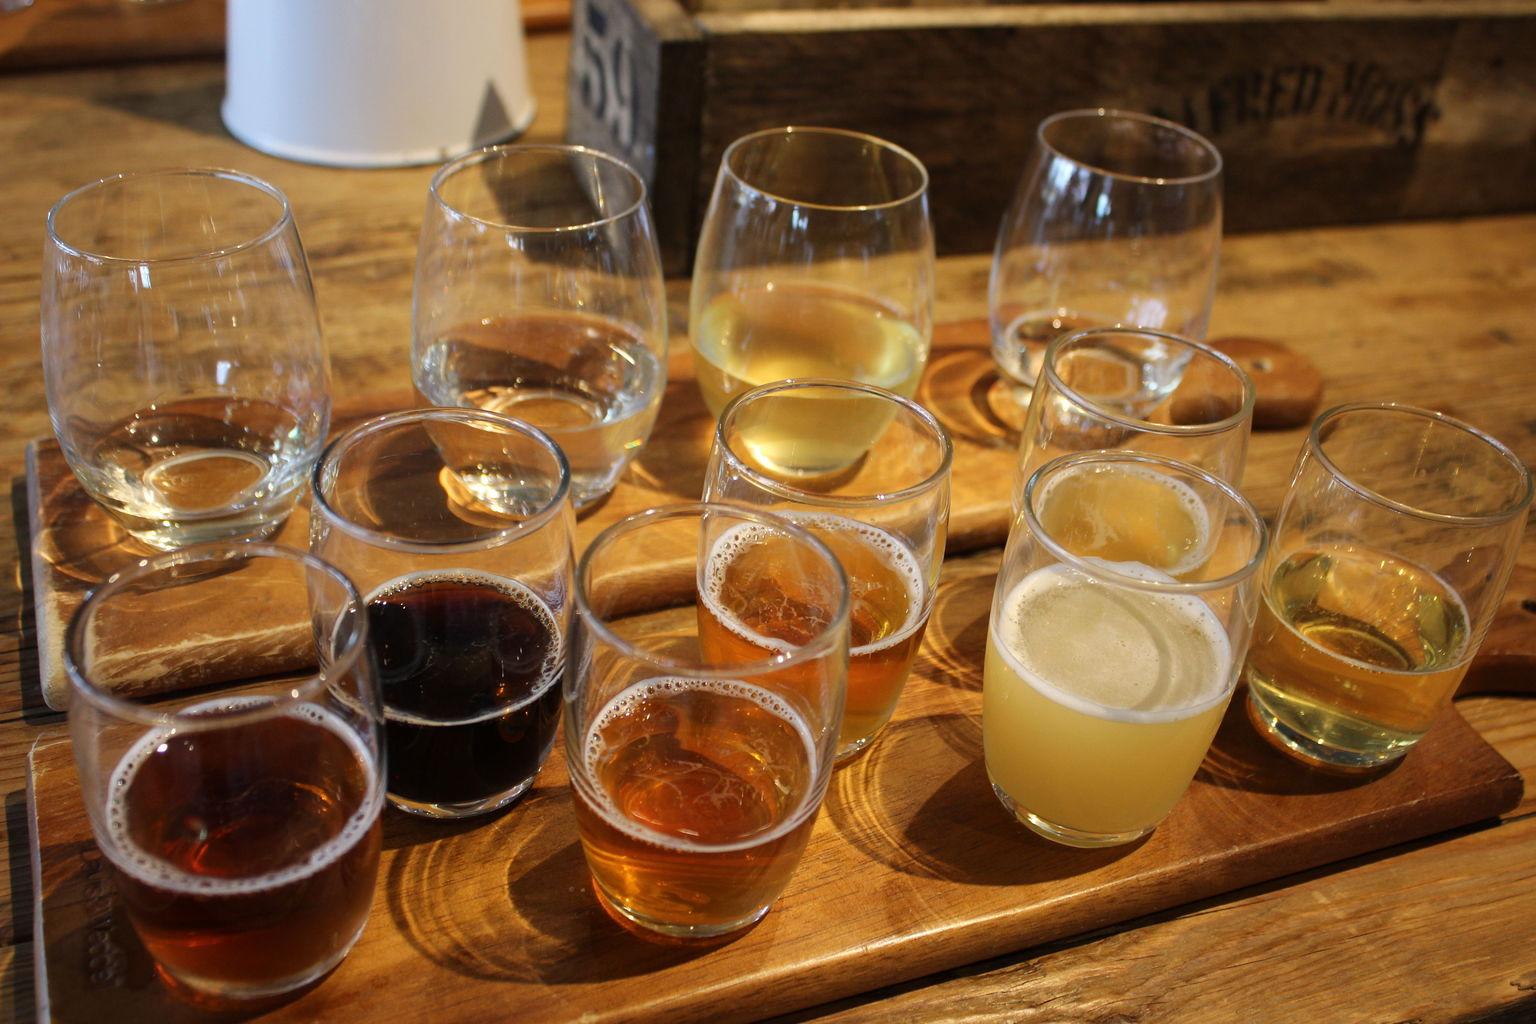 MÁS FOTOS, Recorrido relacionado con sidra y cerveza por el valle del Yarra desde Melbourne